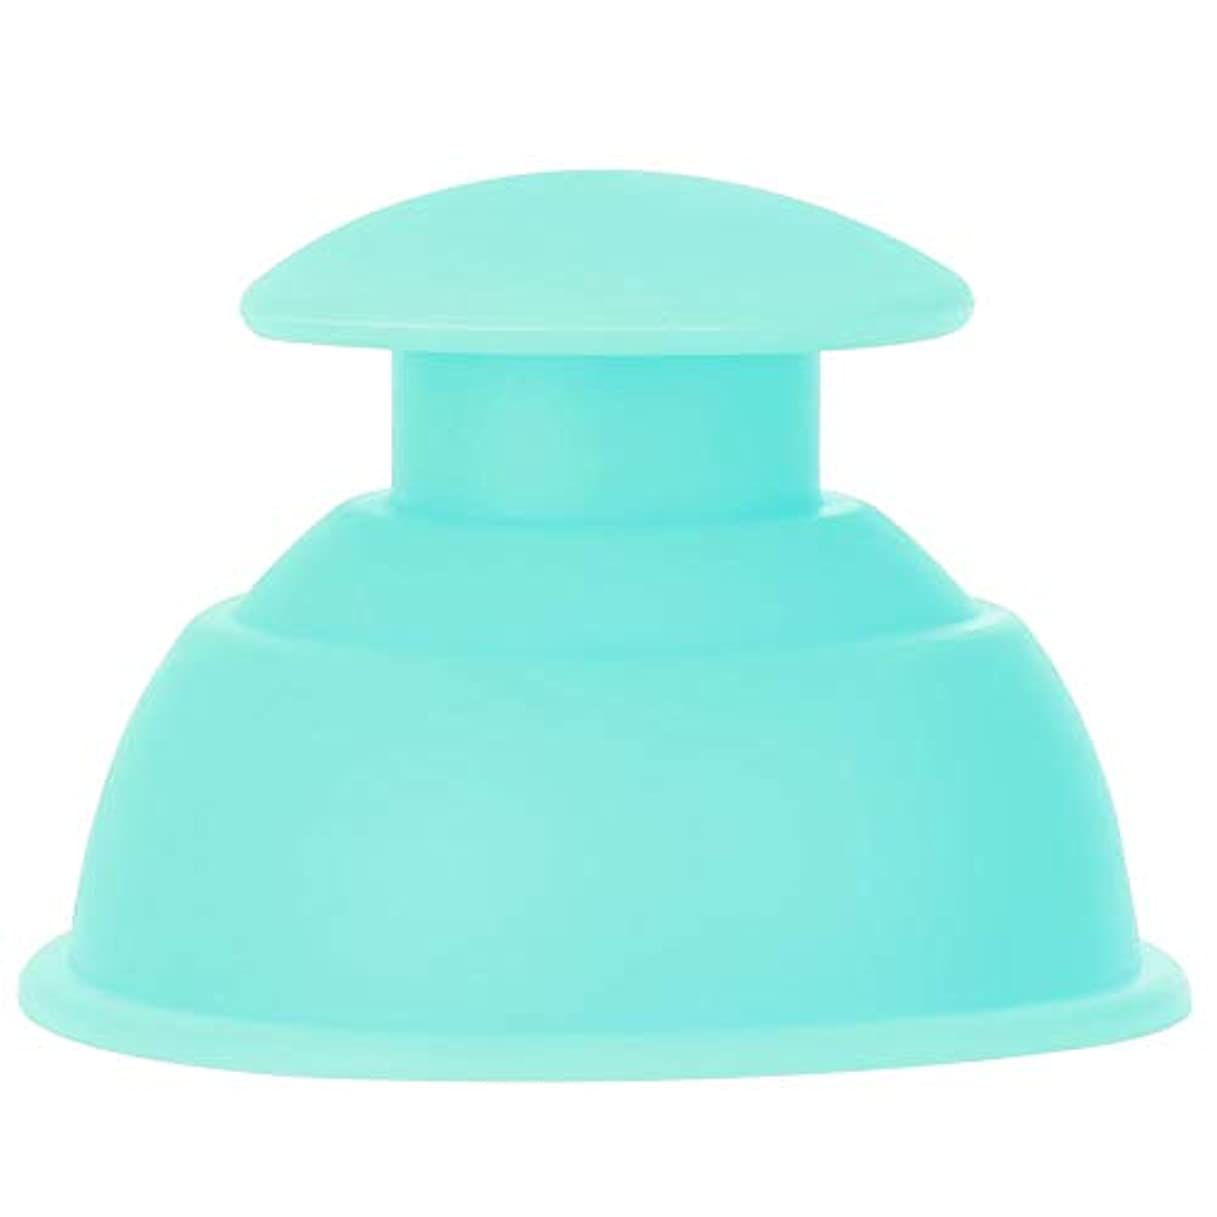 7種類のカッピングカップマッサージセット、シリコーン水分吸収剤アンチセルライトバキュームによる 全身疲れの緩和(グリーン)